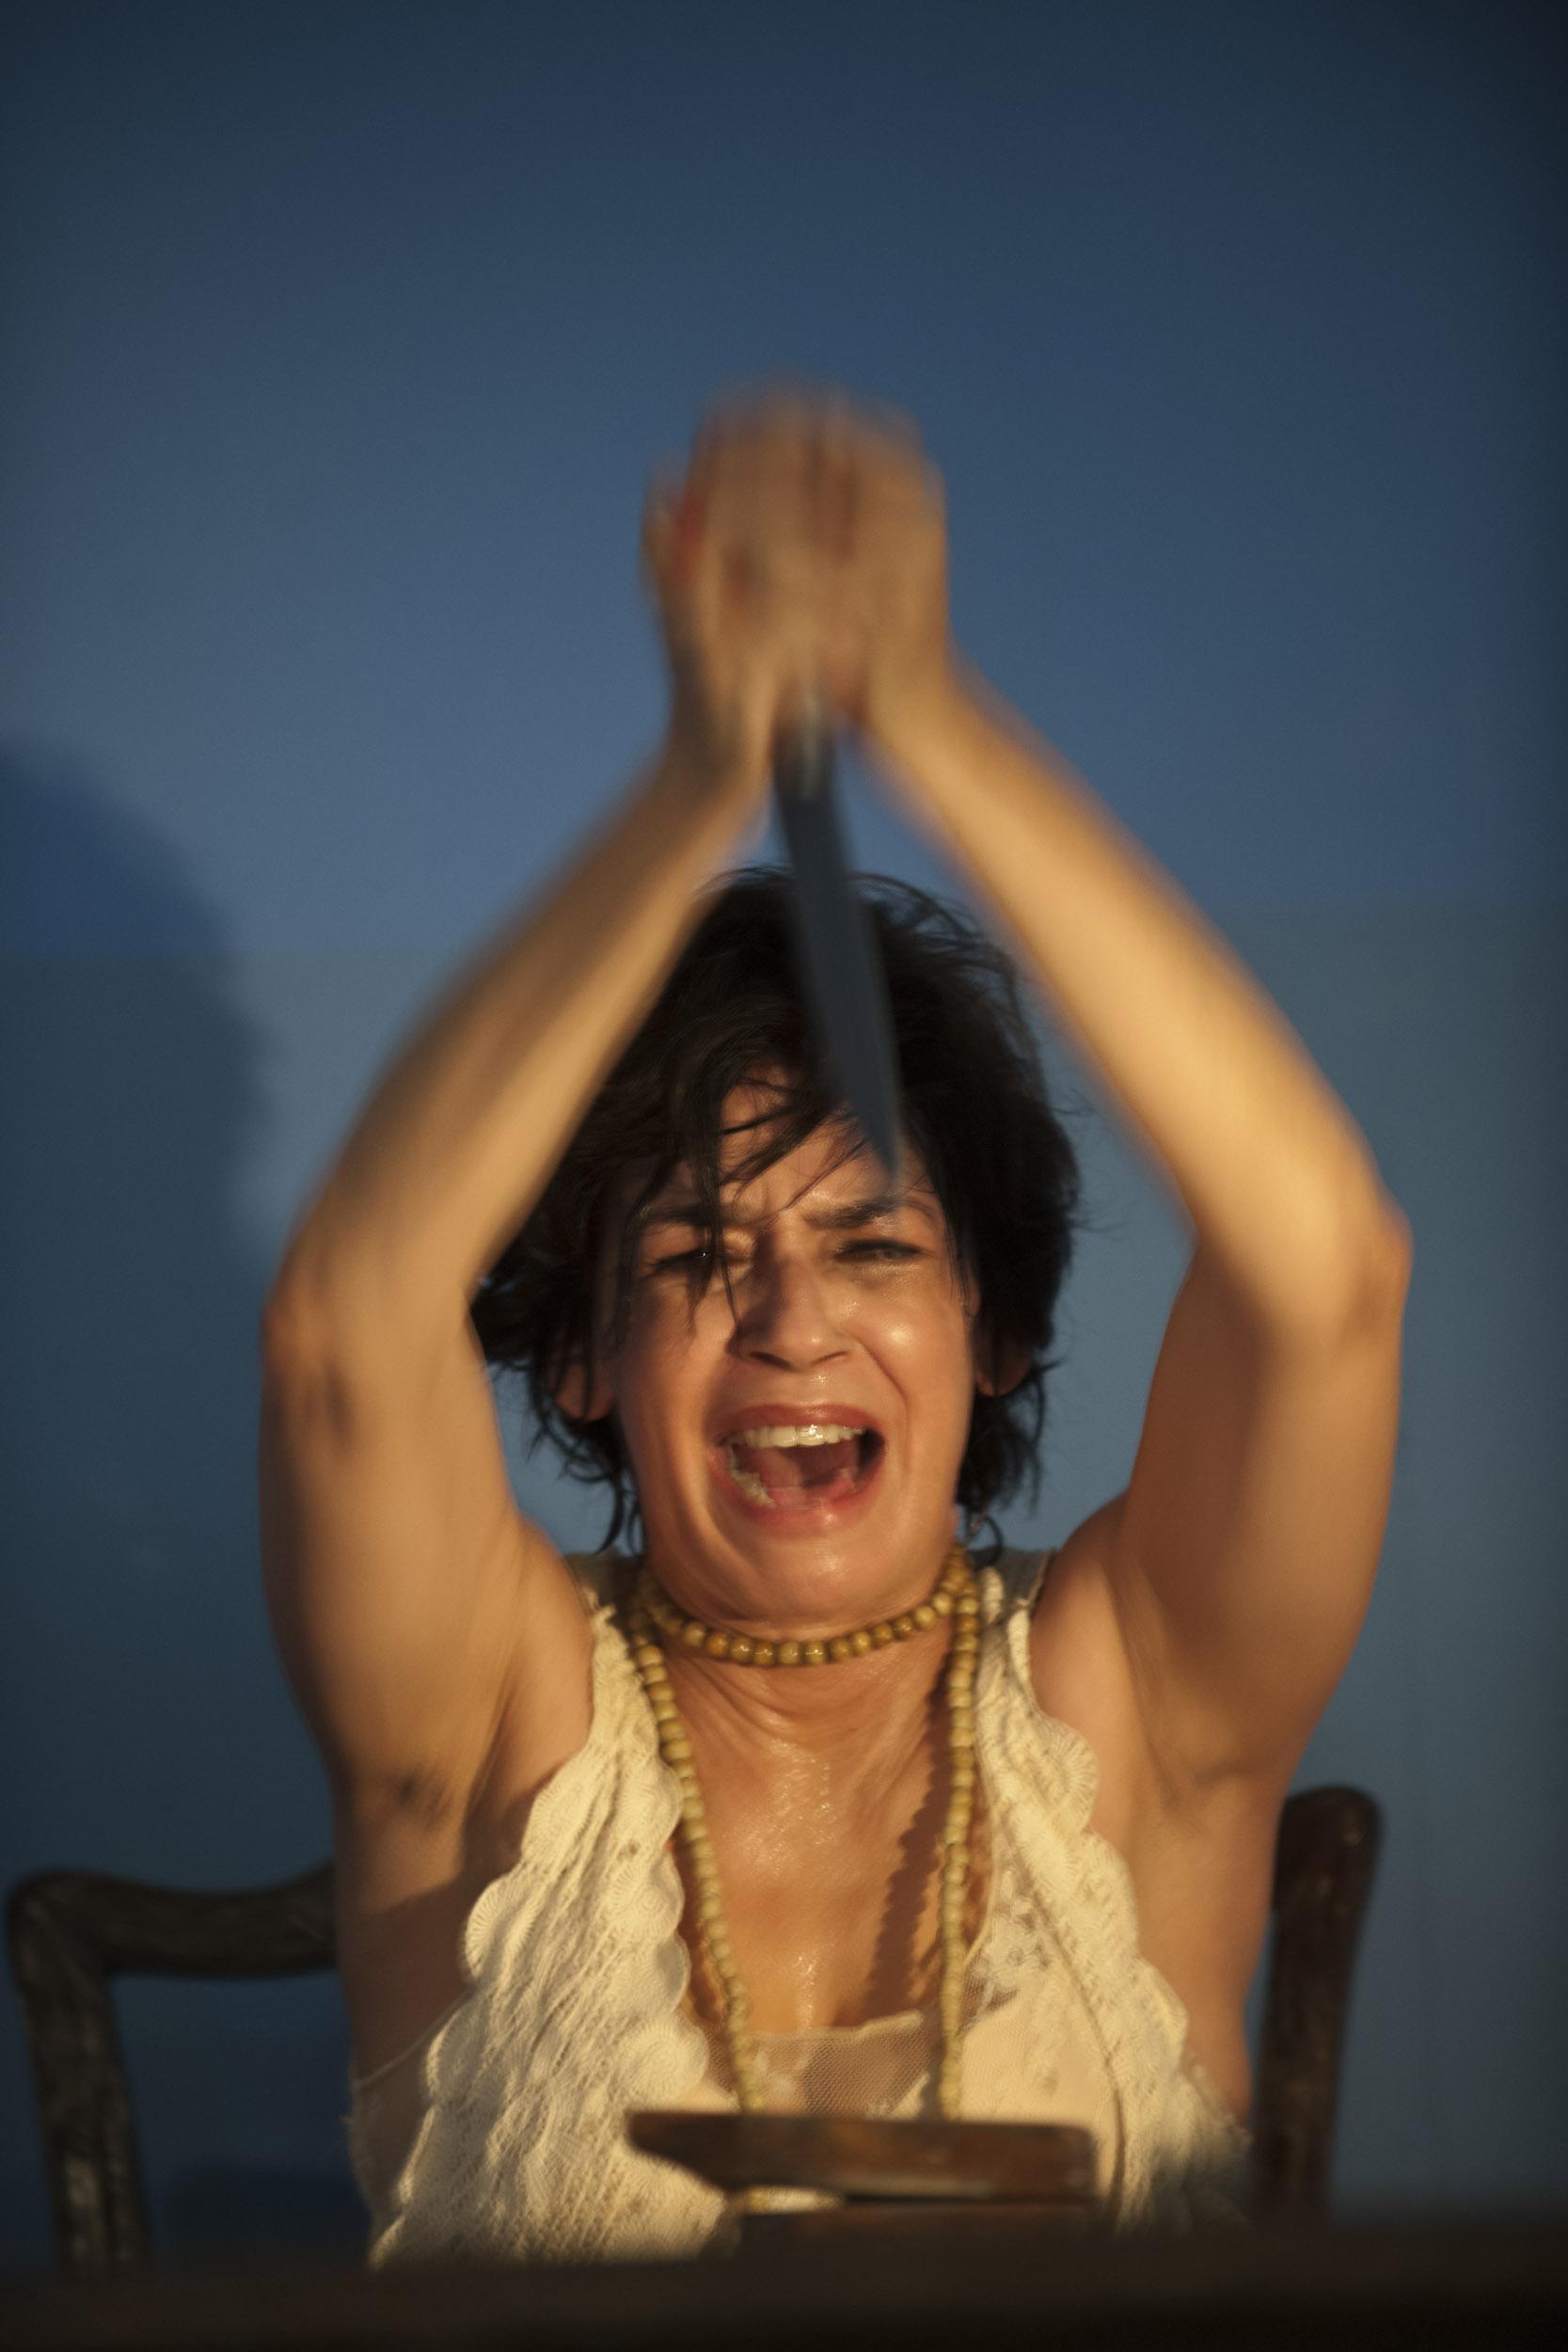 Broselianda Hernández, actress - Illuminated Cuba - Hector Garrido, Aerial and human photography